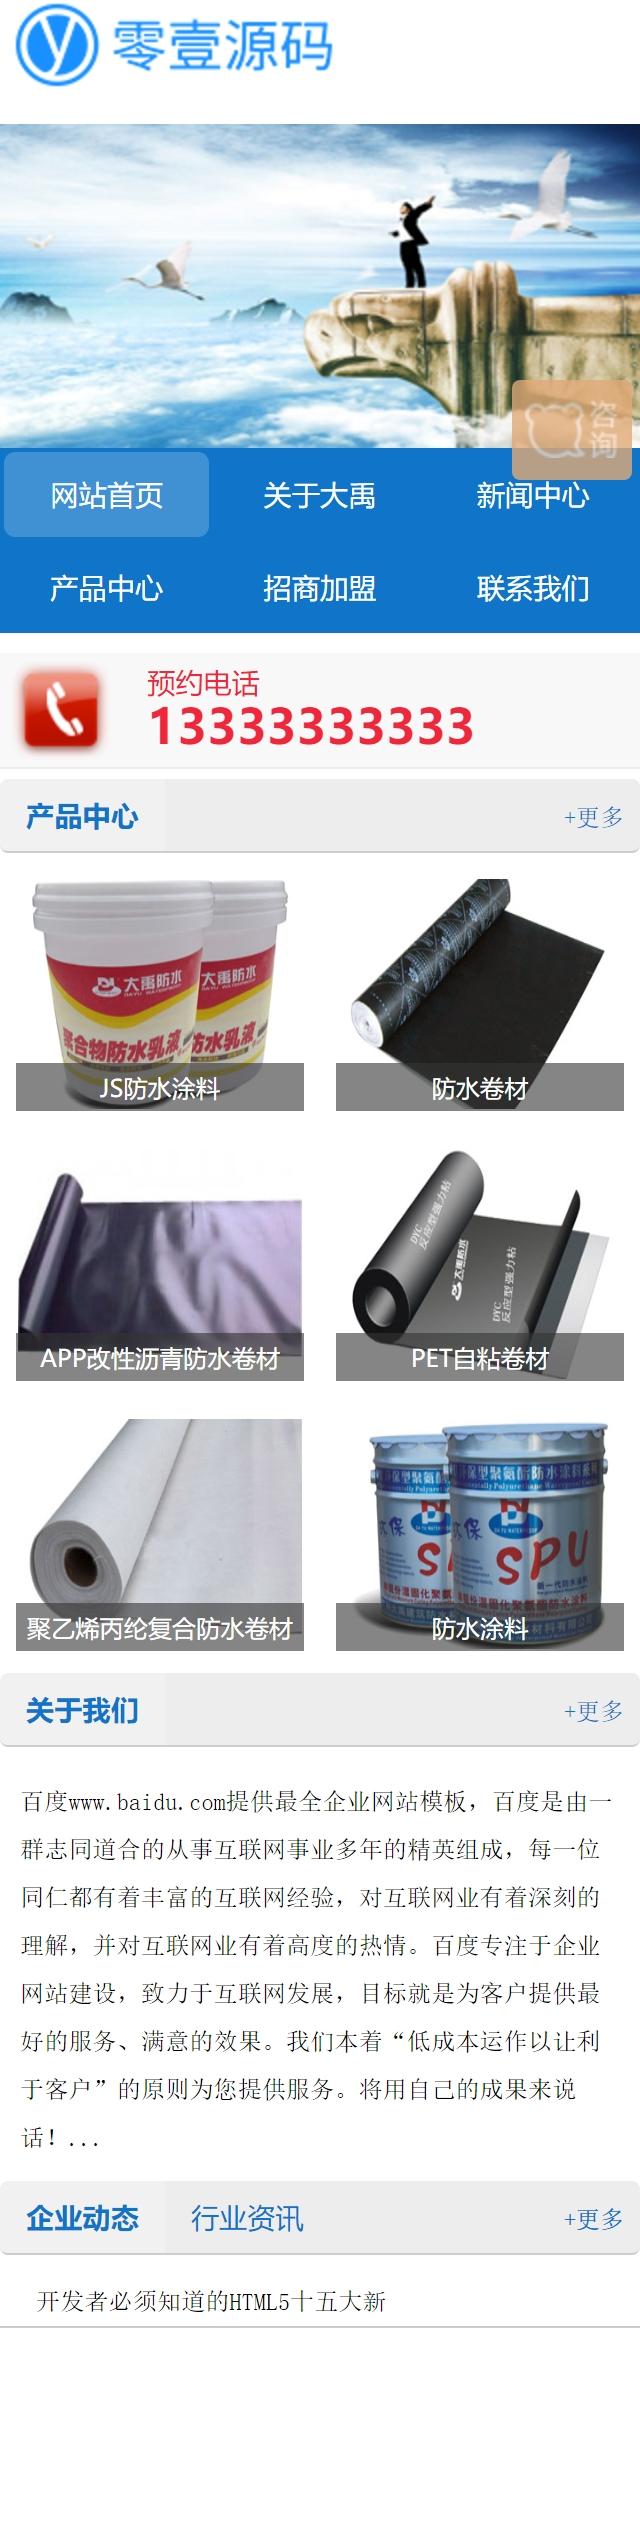 织梦dedecms蓝色企业通用型网站手机模板(独立后台)